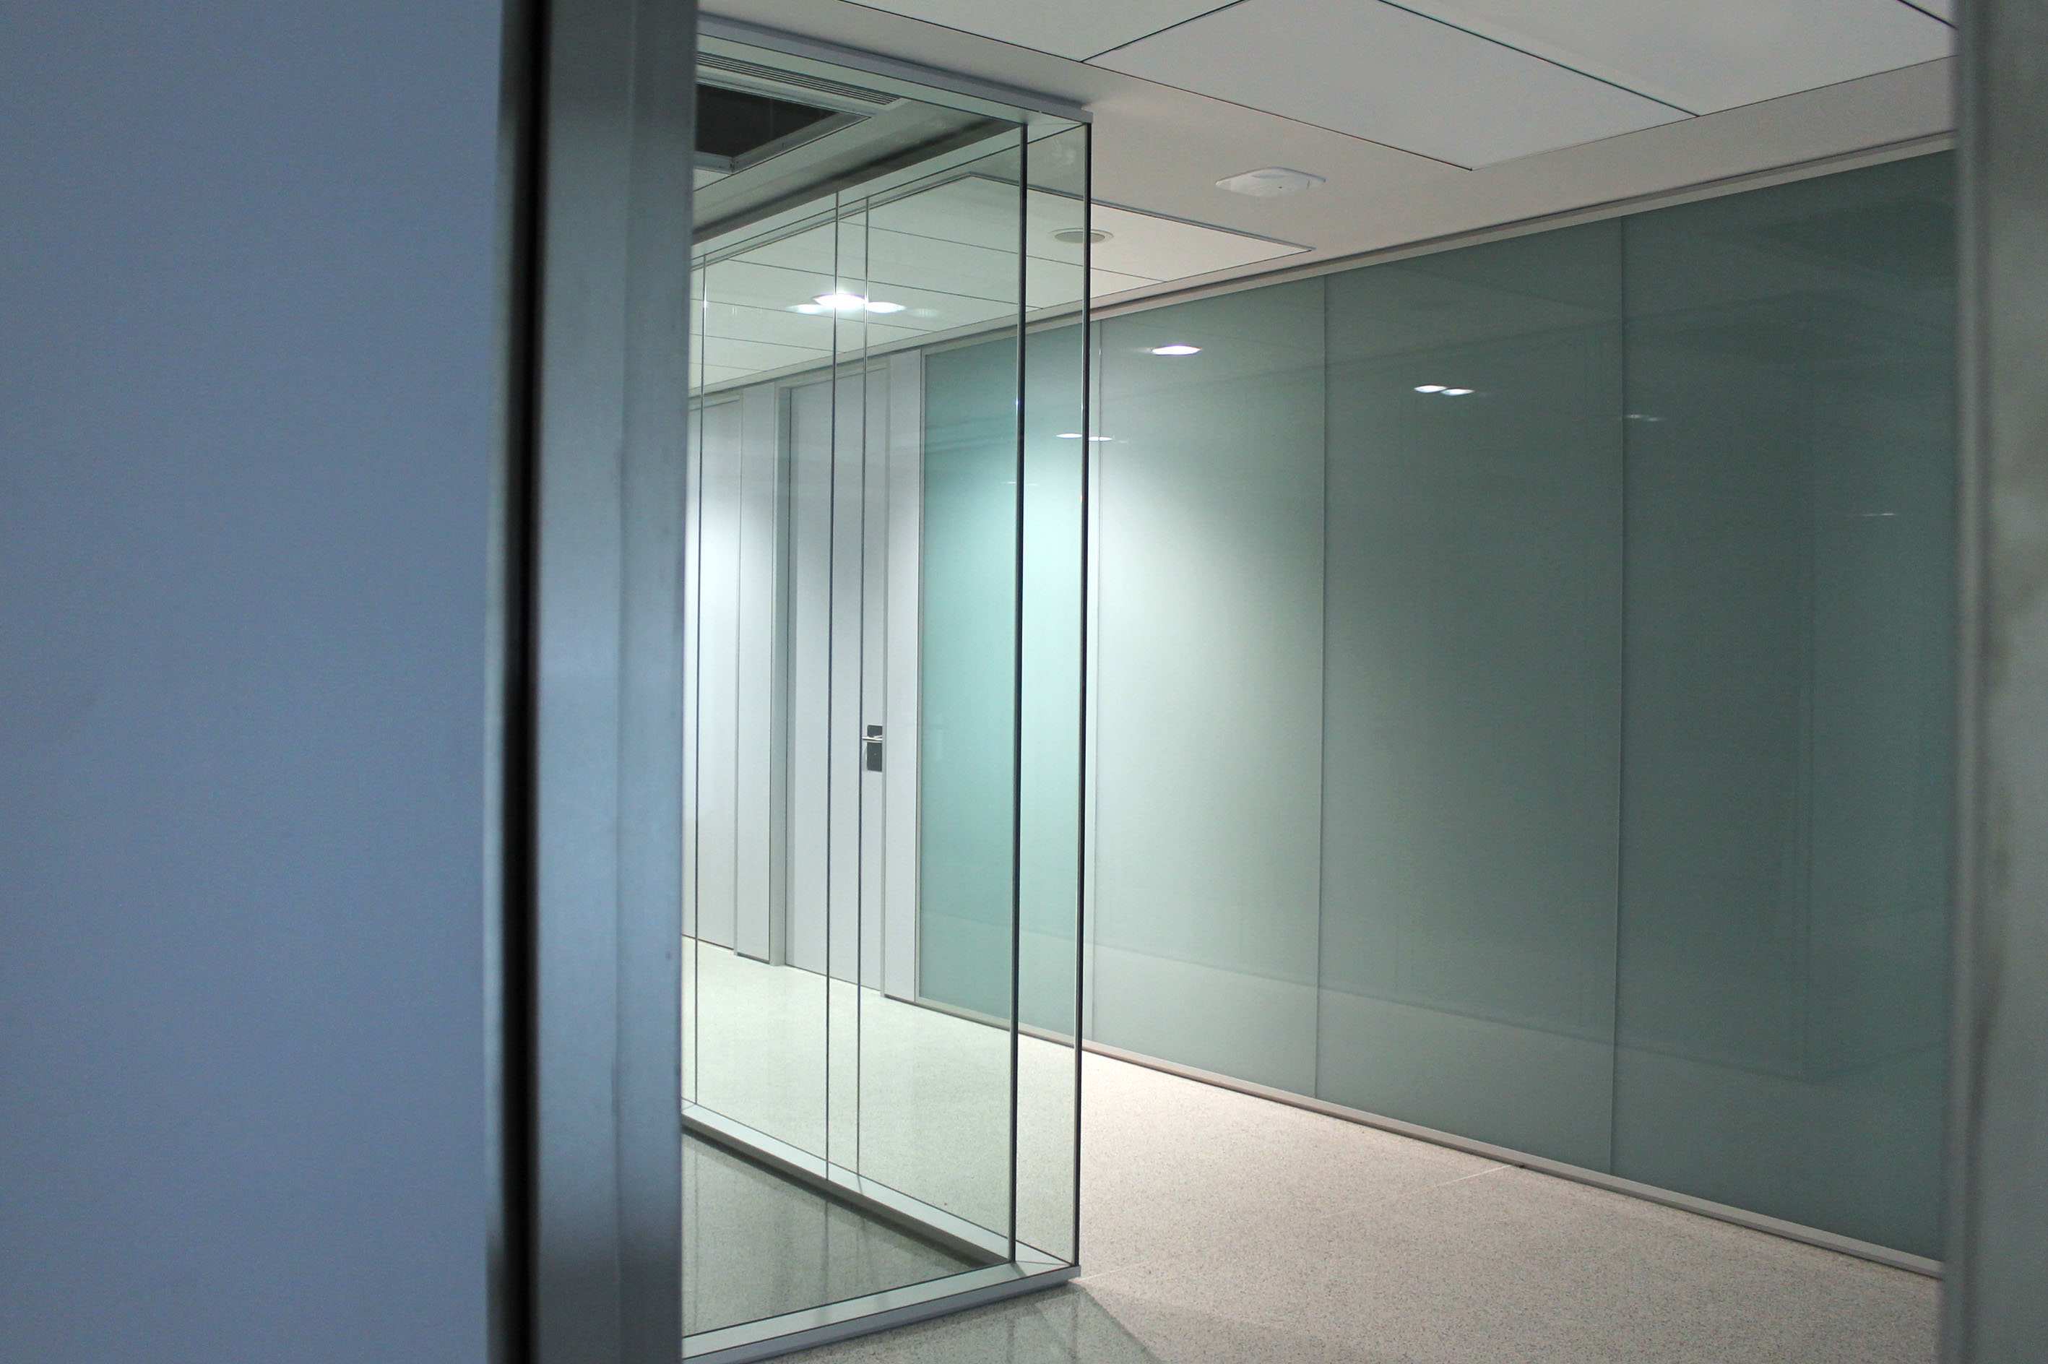 Mamparas de oficina separaci n de ambientes muebles de oficina spacio - Mamparas de oficina sevilla ...